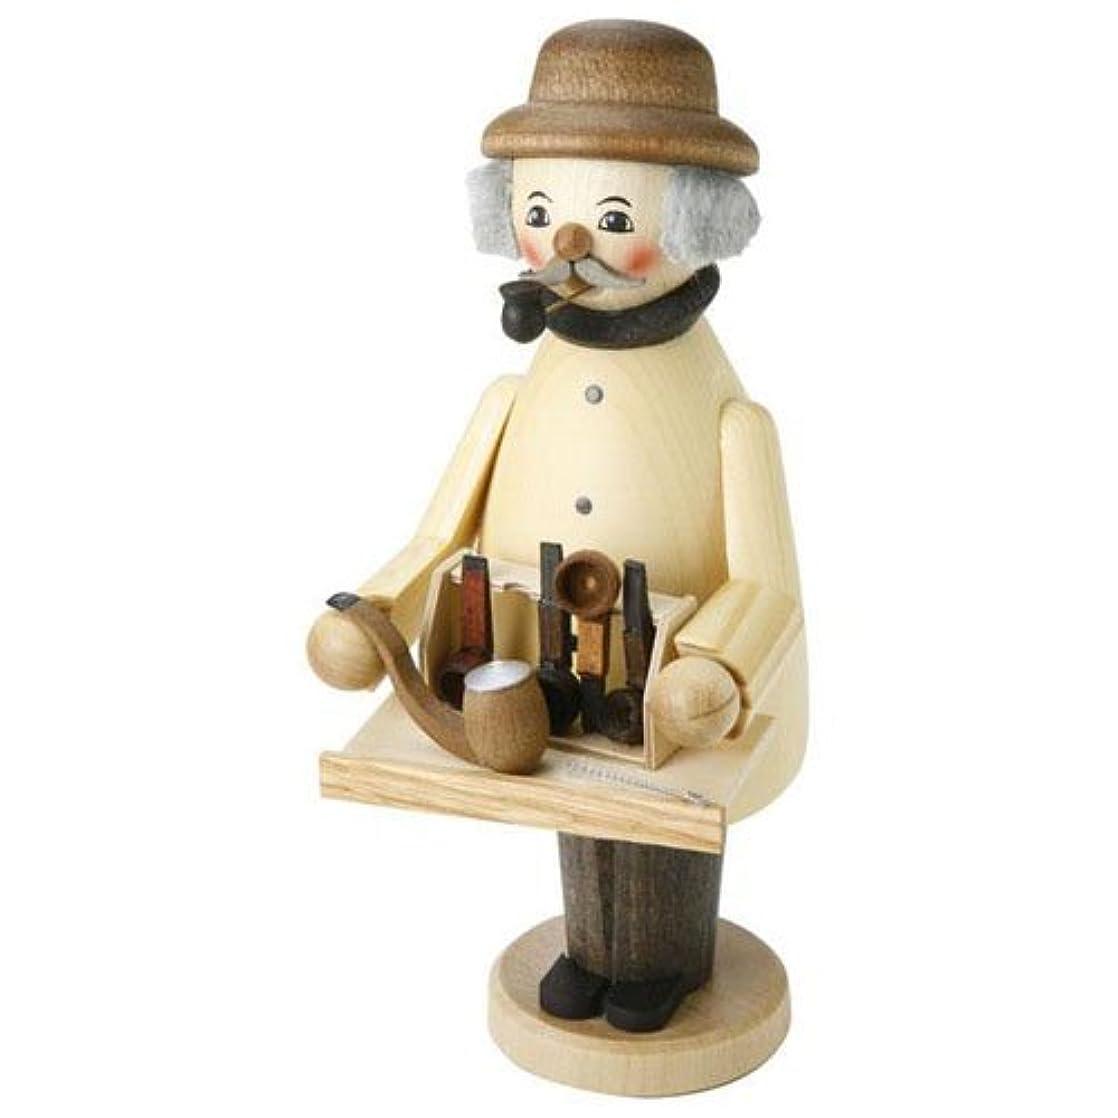 科学的ランドリー手紙を書く39089 Kuhnert(クーネルト) ミニパイプ人形香炉 パイプ売り